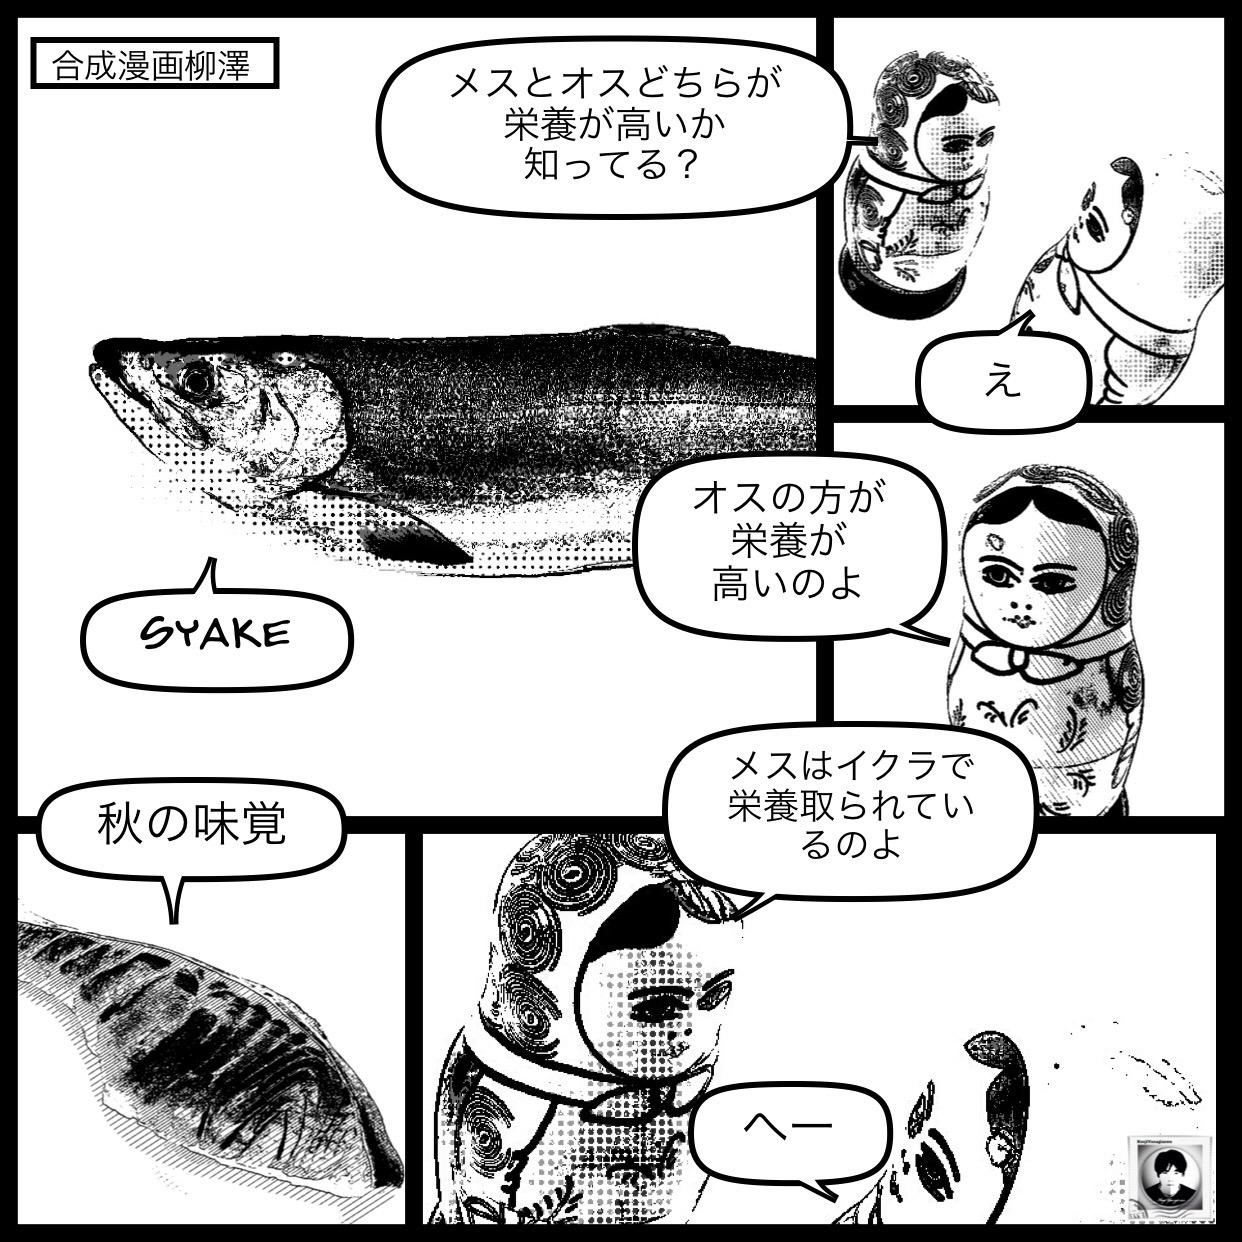 ▼食欲の秋  鮭はオスメスのどちらが美味しいか?